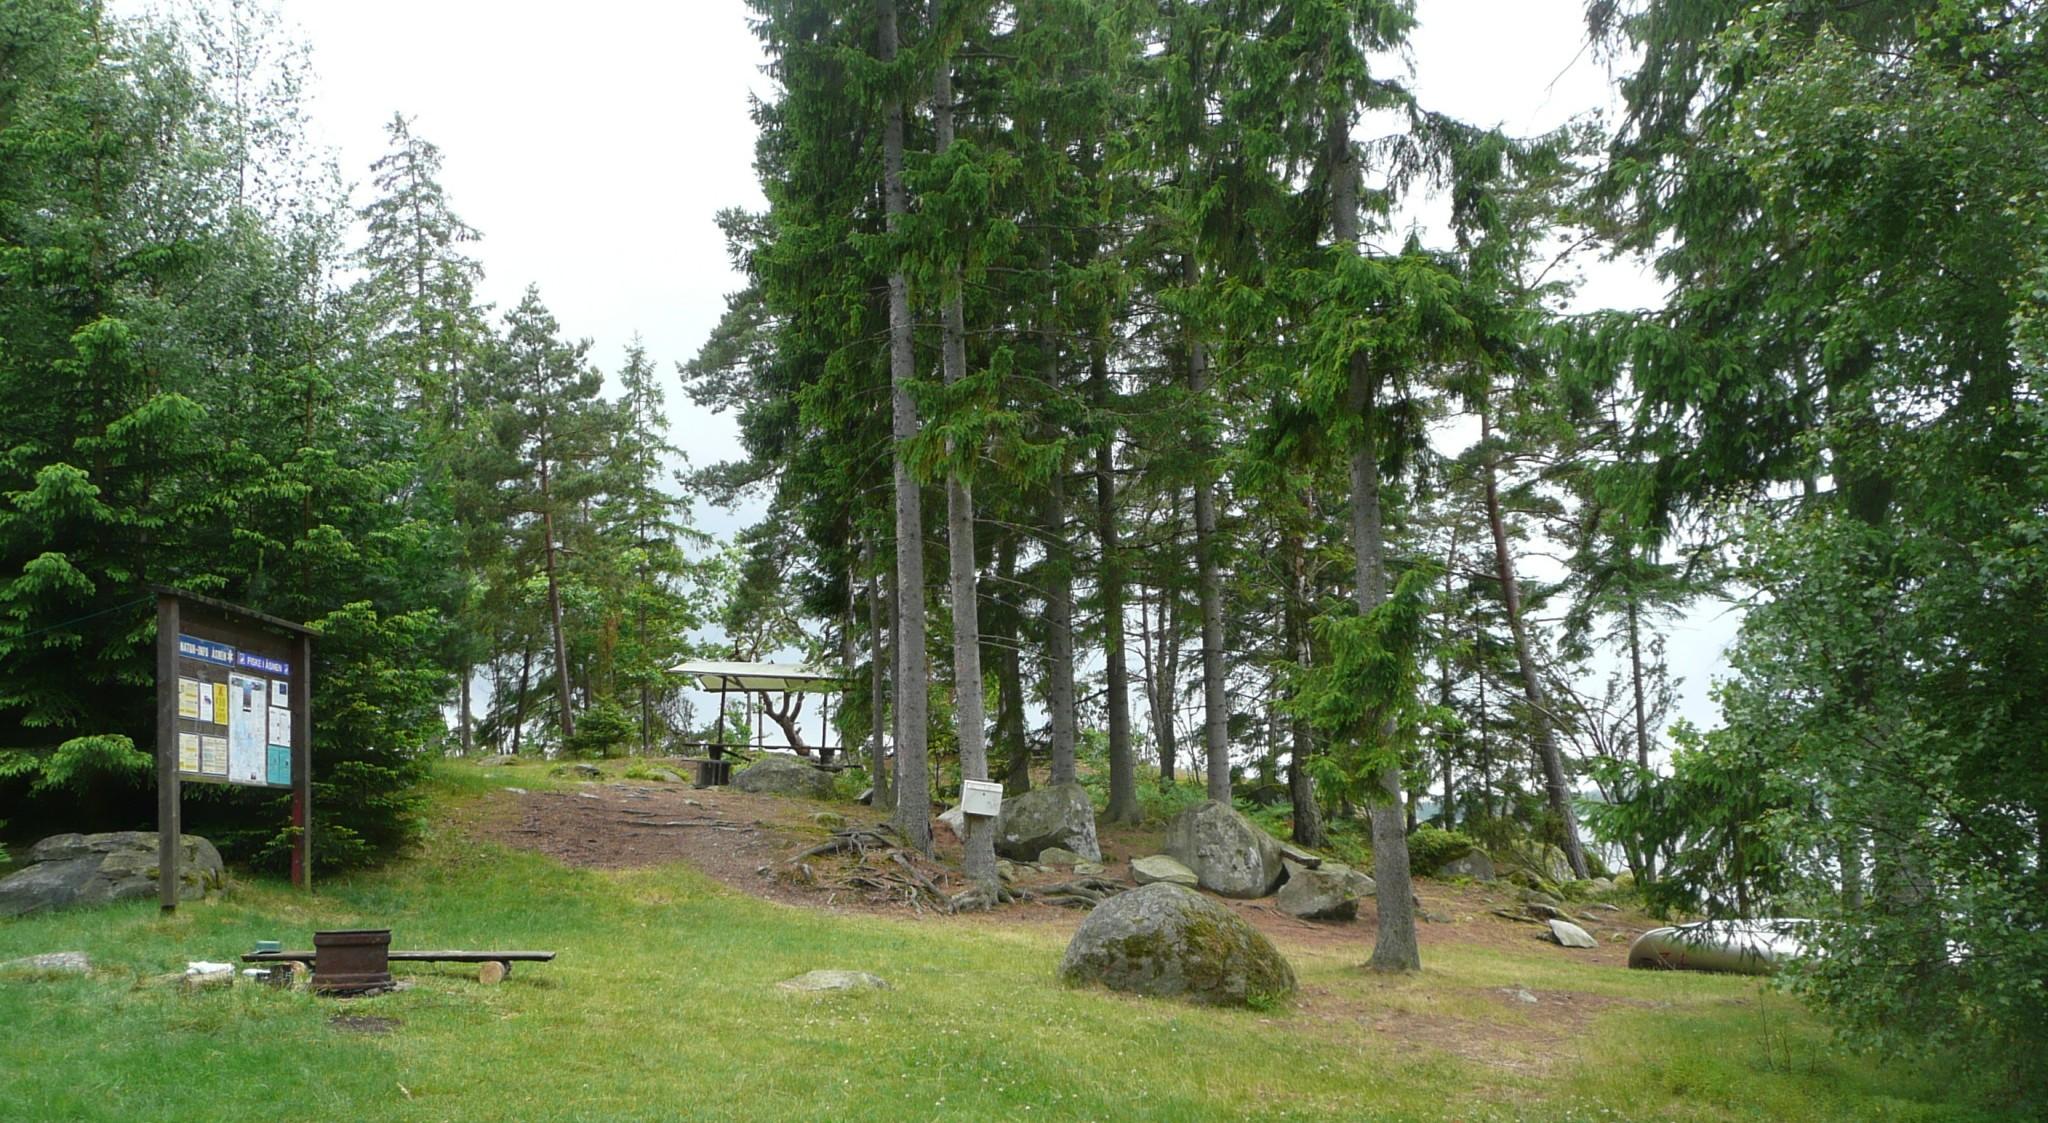 Åsnen - Wasserwander-Rastplatz für Kanu-Paddel-Touren